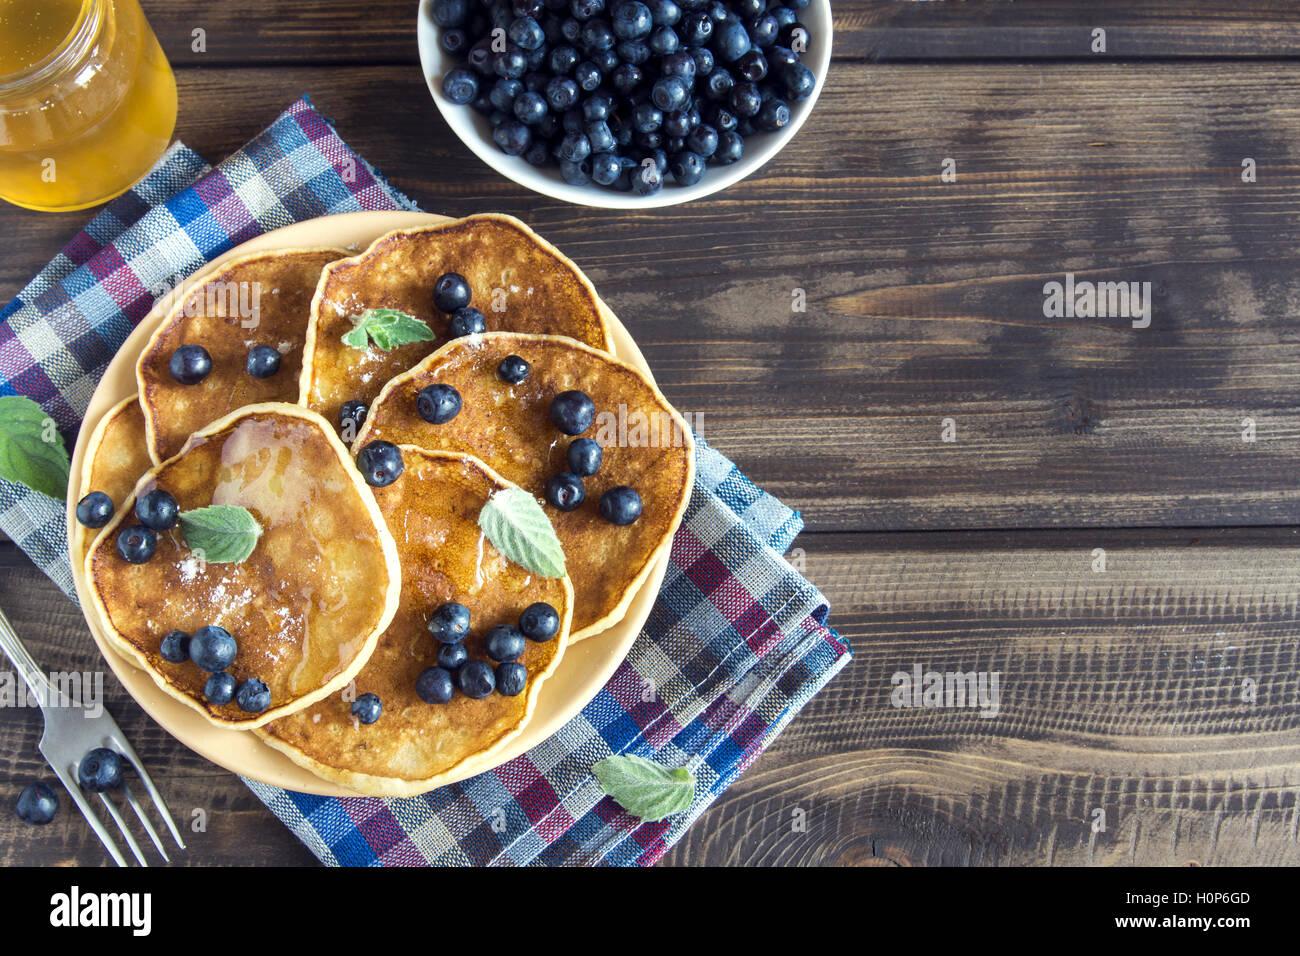 Des crêpes sur la plaque avec des bleuets, de la menthe et du miel pour le petit déjeuner fait maison Photo Stock